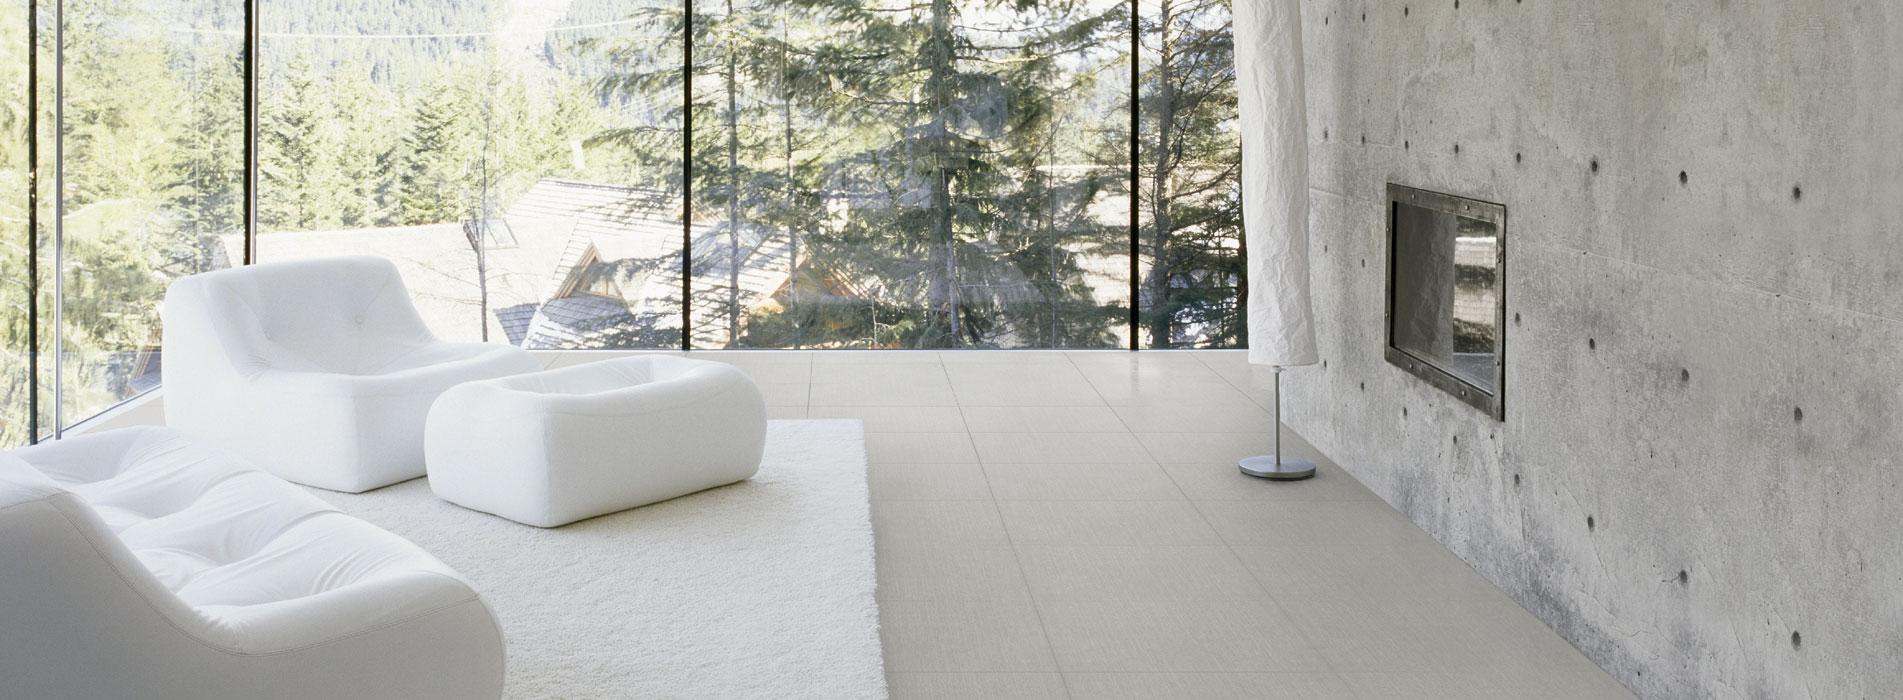 abverkauf bodenfliesen abverkauf bodenfliesen abverkauf. Black Bedroom Furniture Sets. Home Design Ideas